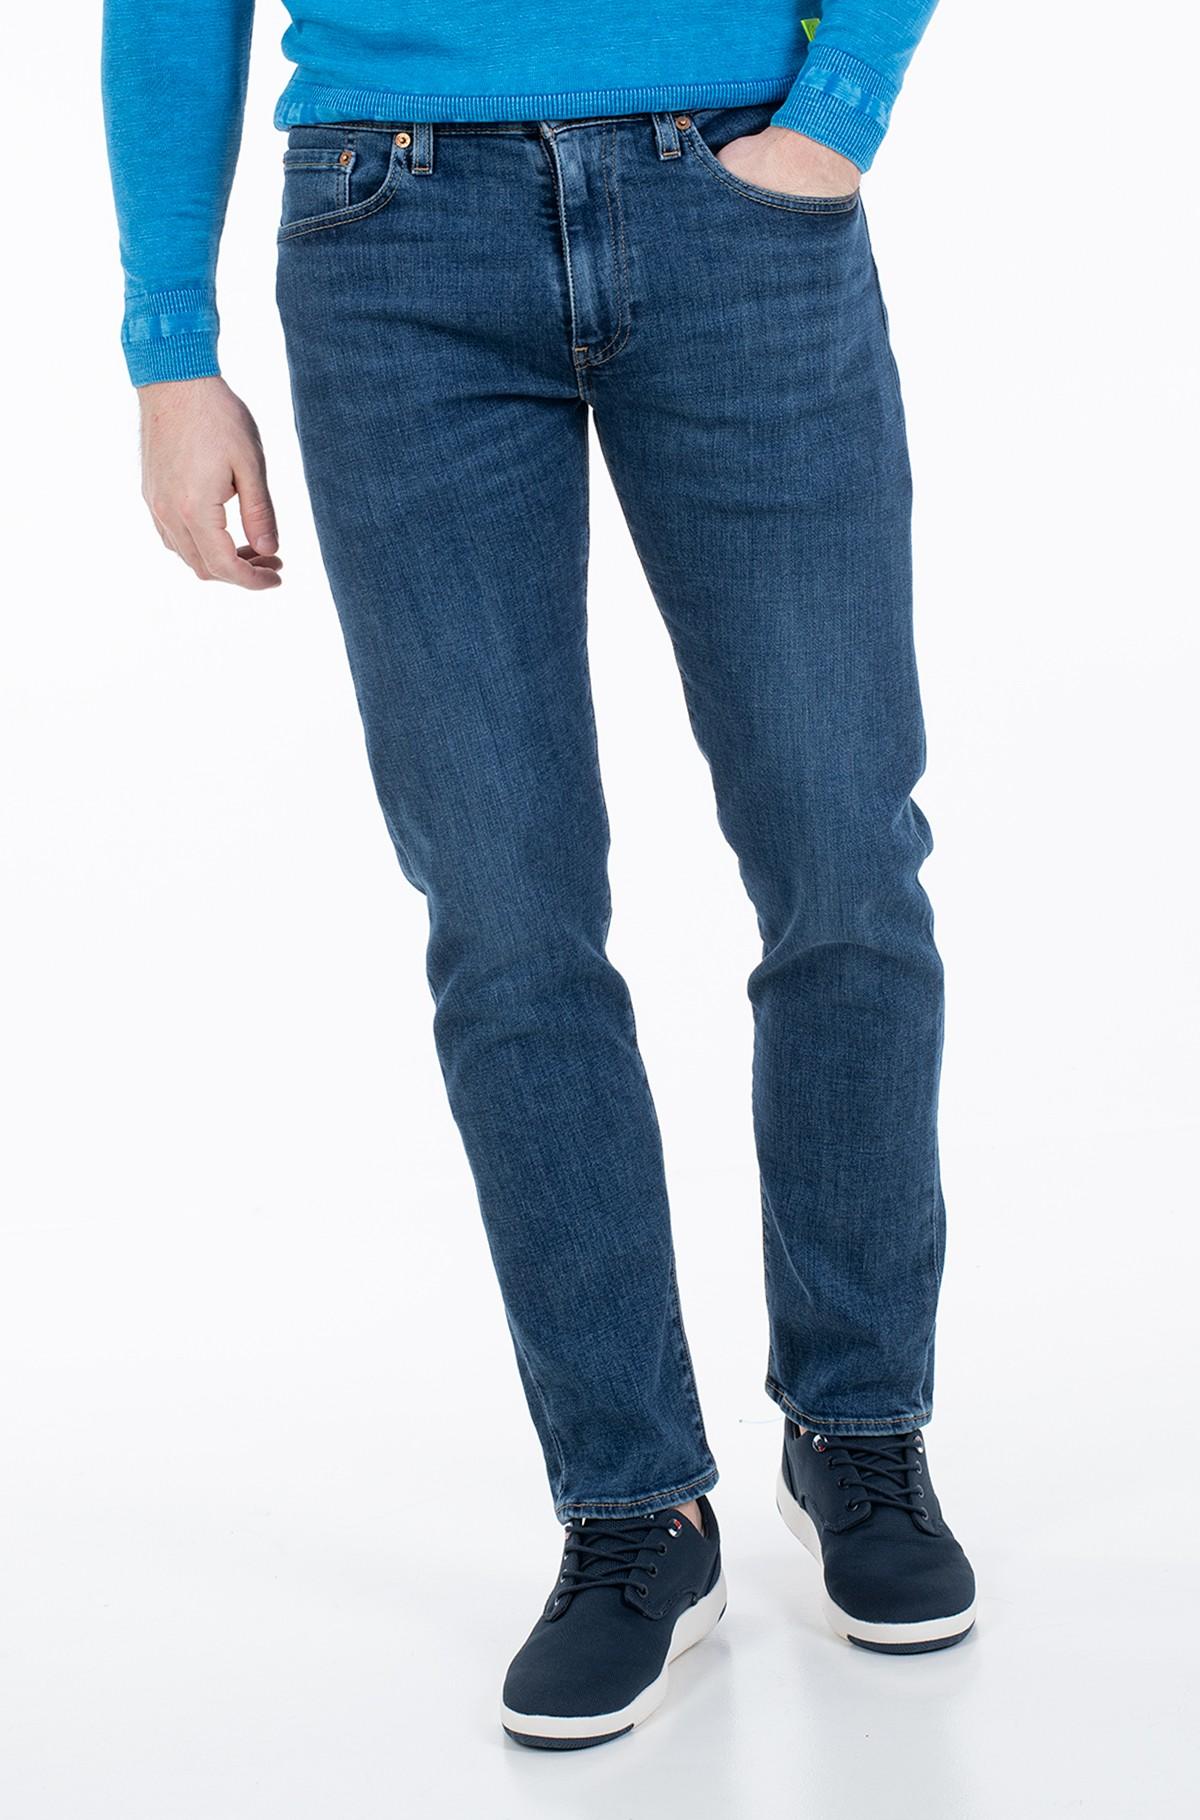 Jeans 295070160-full-1